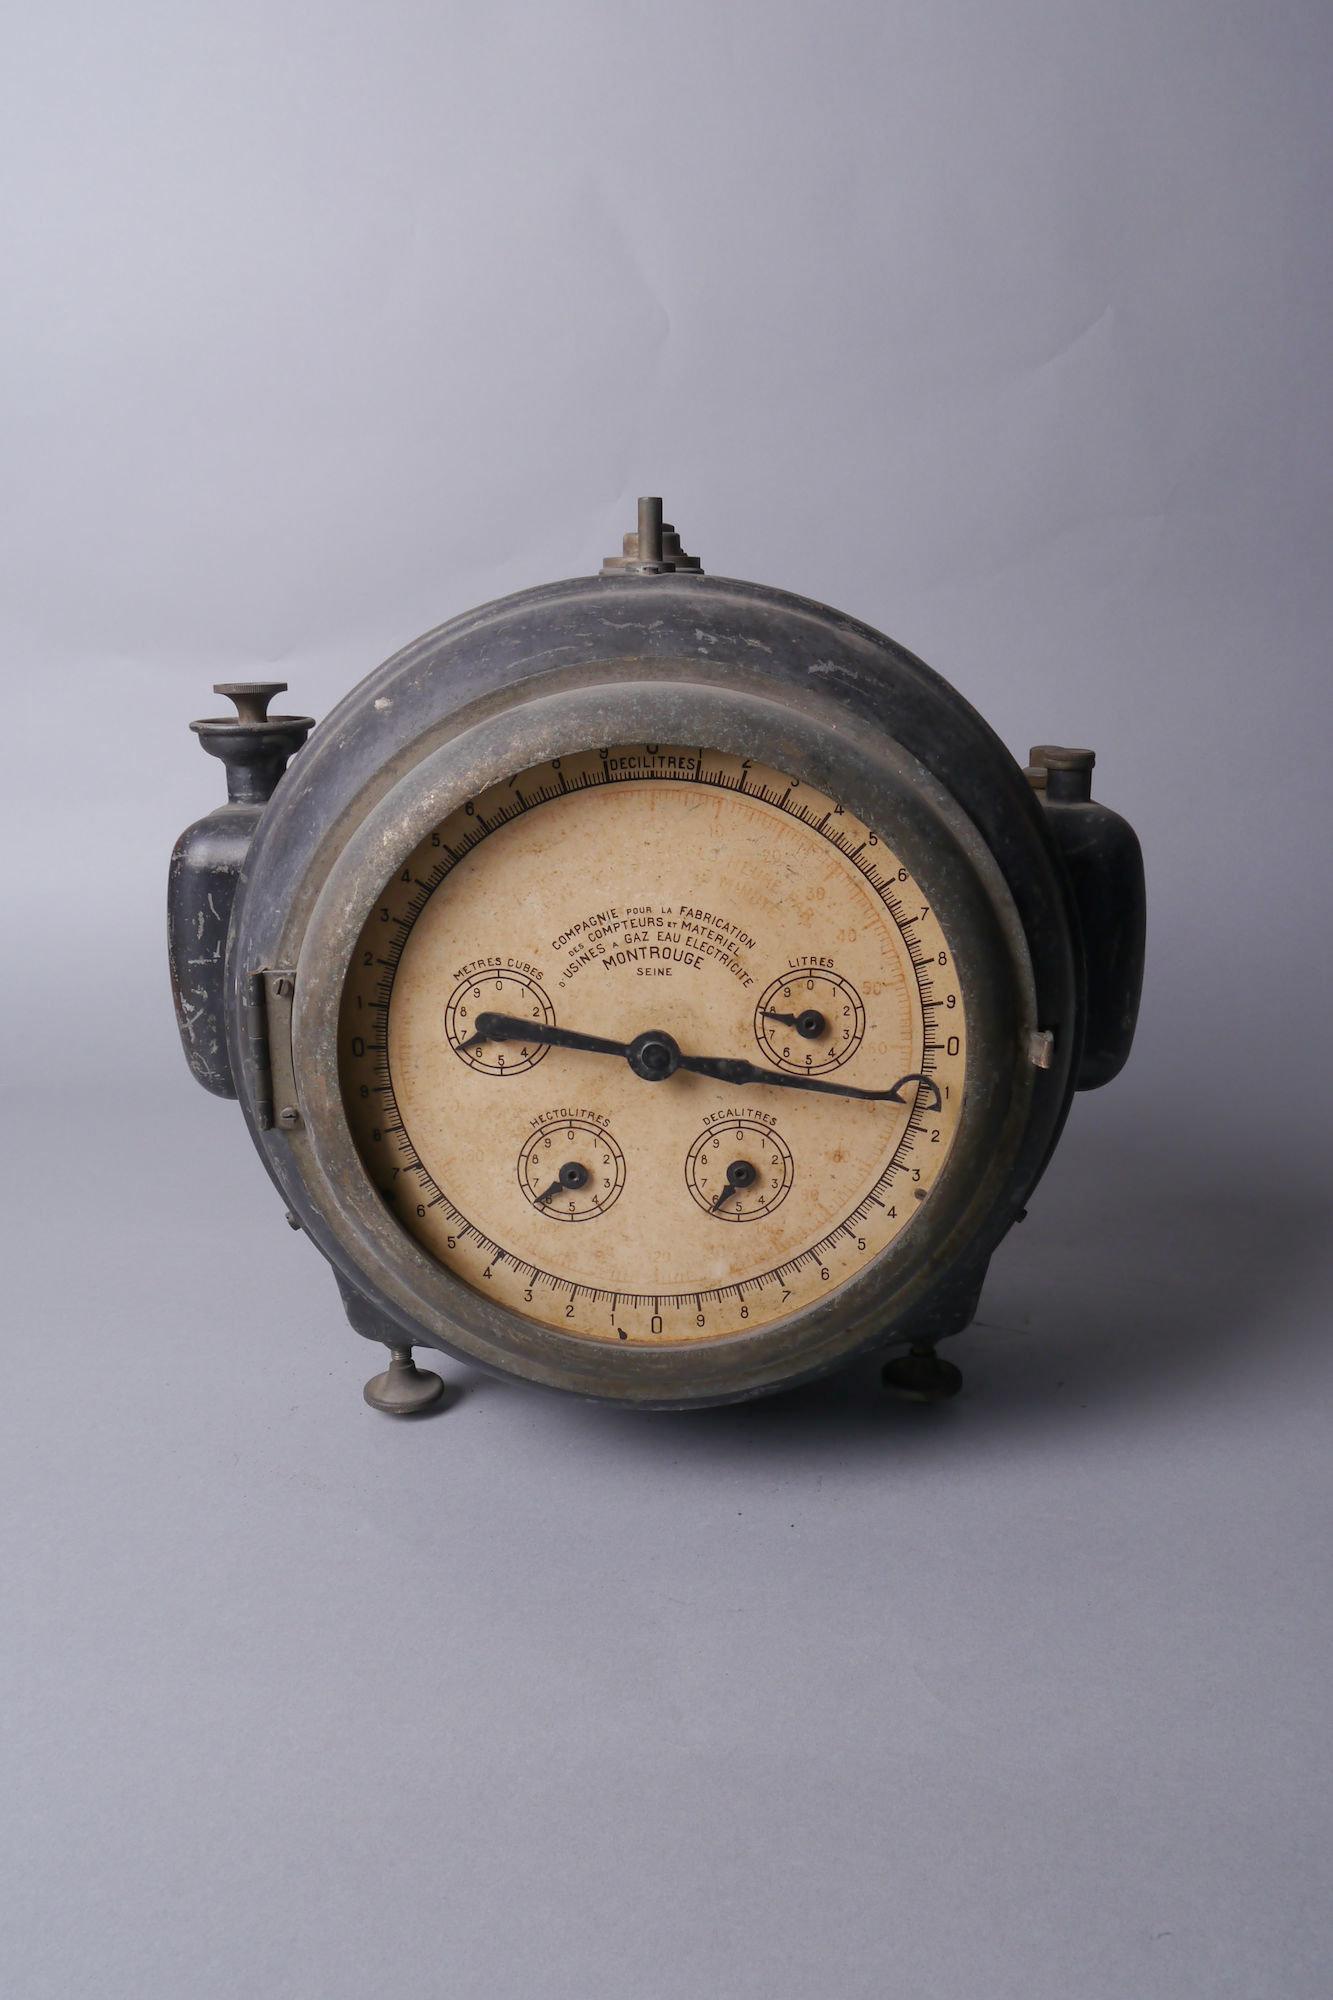 Verbruiksmeter voor gas van het merk Compagnie pour la Fabrication des Compteurs